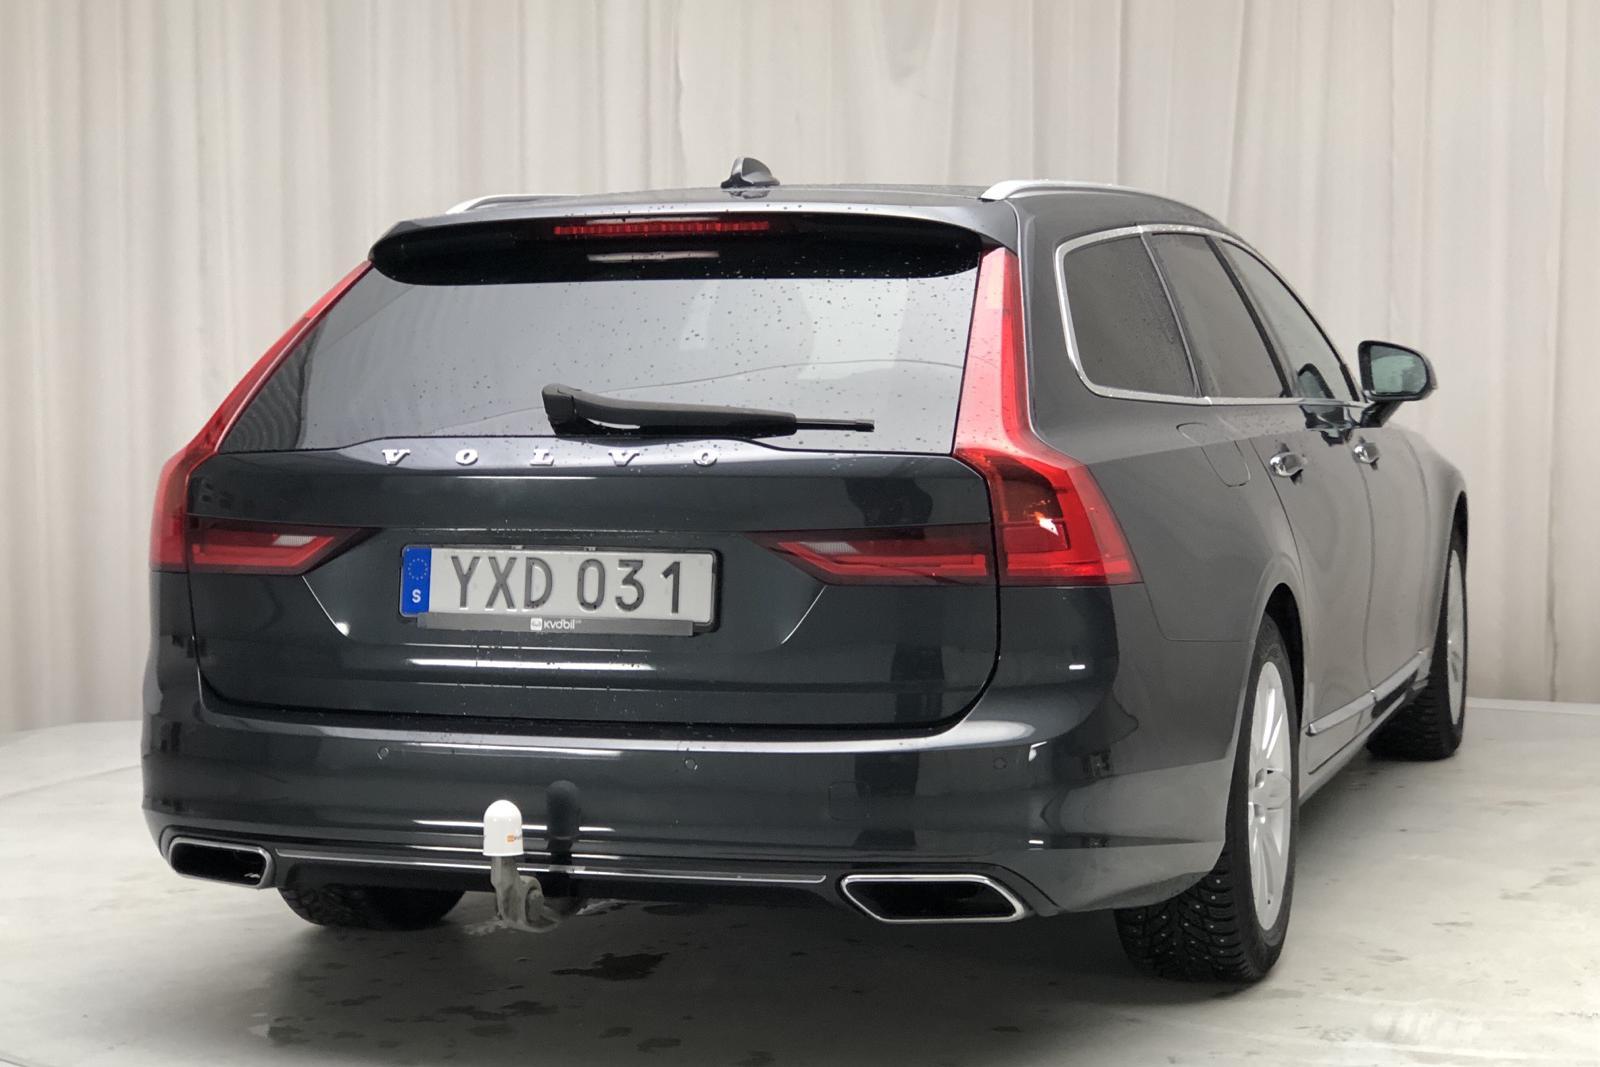 Volvo V90 D3 AWD Inscription Navi (150hk) - 12 287 mil - Automat - grå - 2018